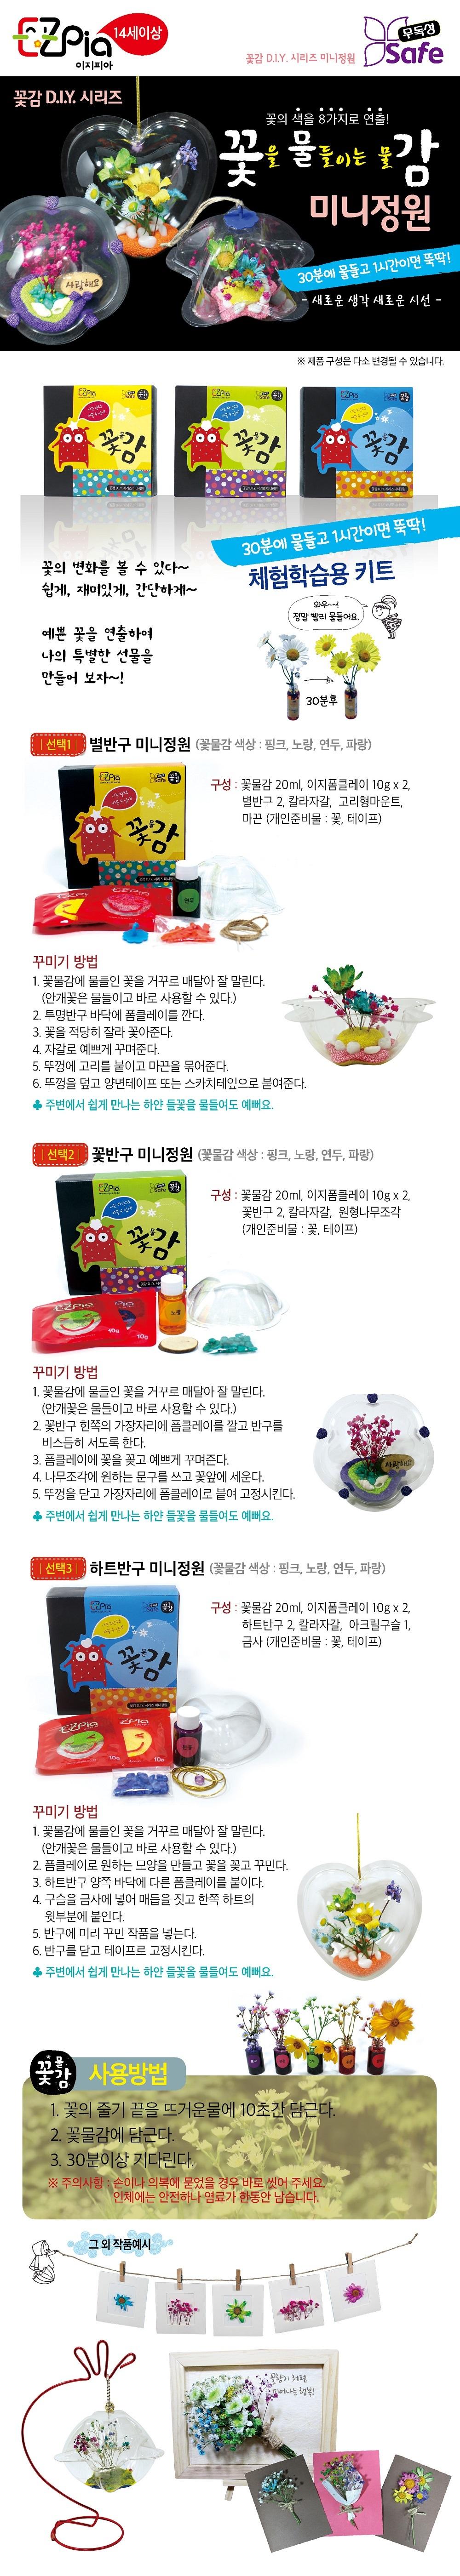 꽃물감 미니정원만들기 - 이지피아, 4,000원, 클레이공예, 클레이공예 만들기 패키지